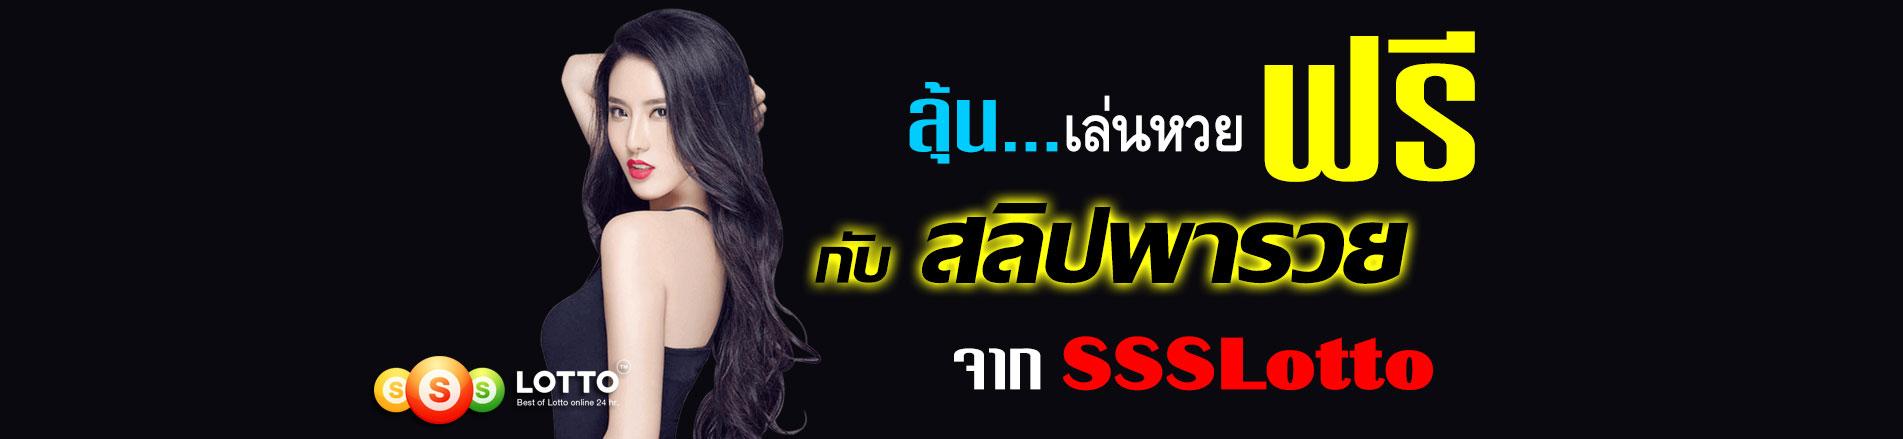 แทงหวยฮานอย เล่นหวยฮานอย หวยฮานอยกับเว็บหวยฮานอยพารวย เว็บหวยที่ดีที่สุดในขณะนี้